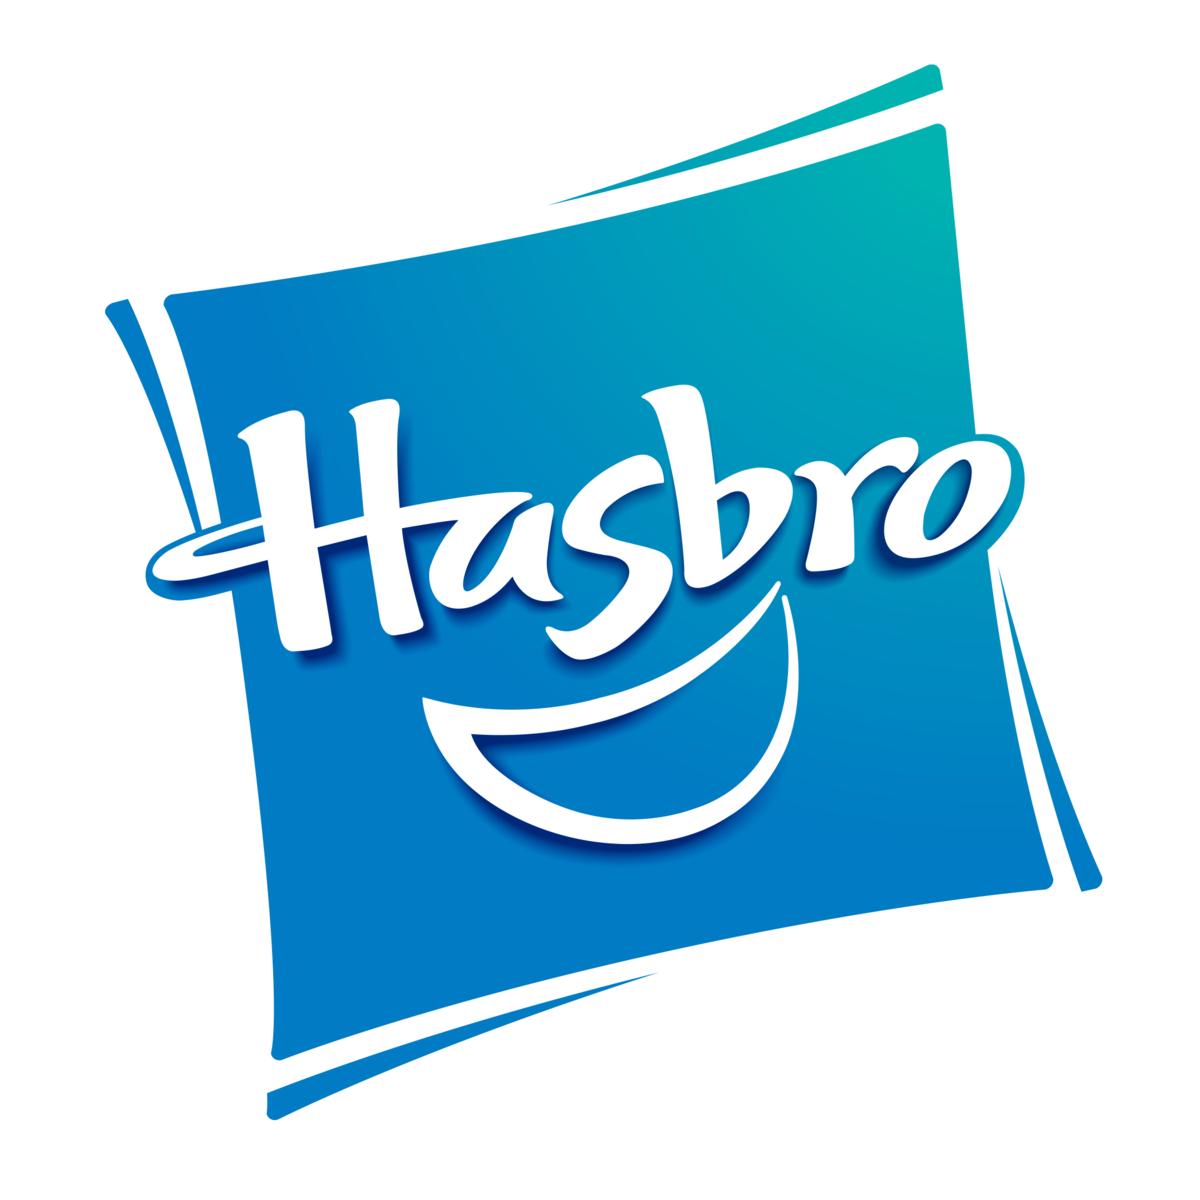 [Kaufland/Hasbro] Treueaktion z.B. Monopoly Neuauflage 2017 für 13,99€ uvm. (16.11.2017-24.01.2018)